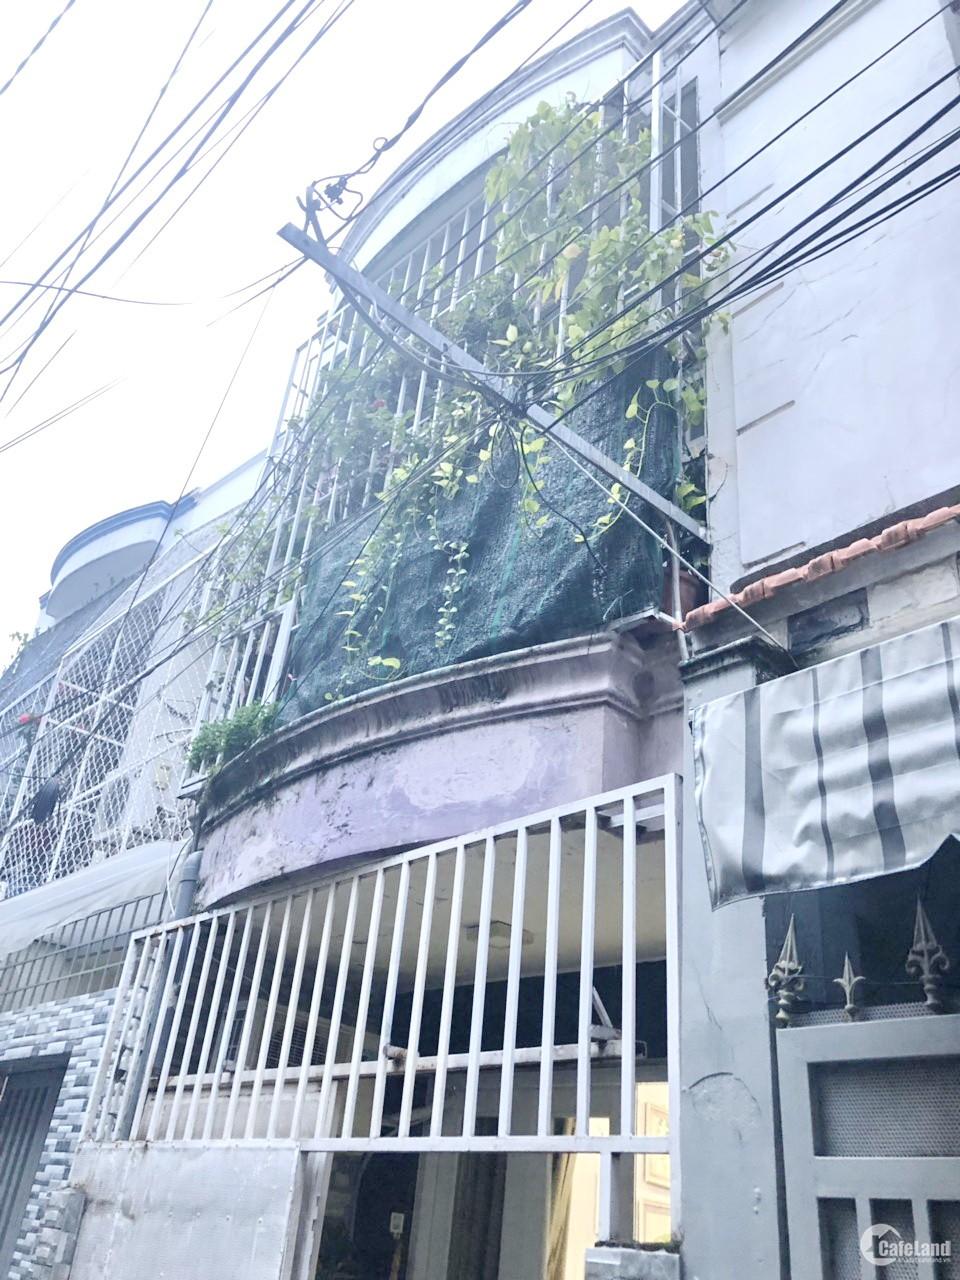 Bán nhà 1 lầu Quận 7 hẻm 30 Lâm Văn Bền Phường Tân Kiểng, DT: 3x11m - Giá 3.2 Tỷ